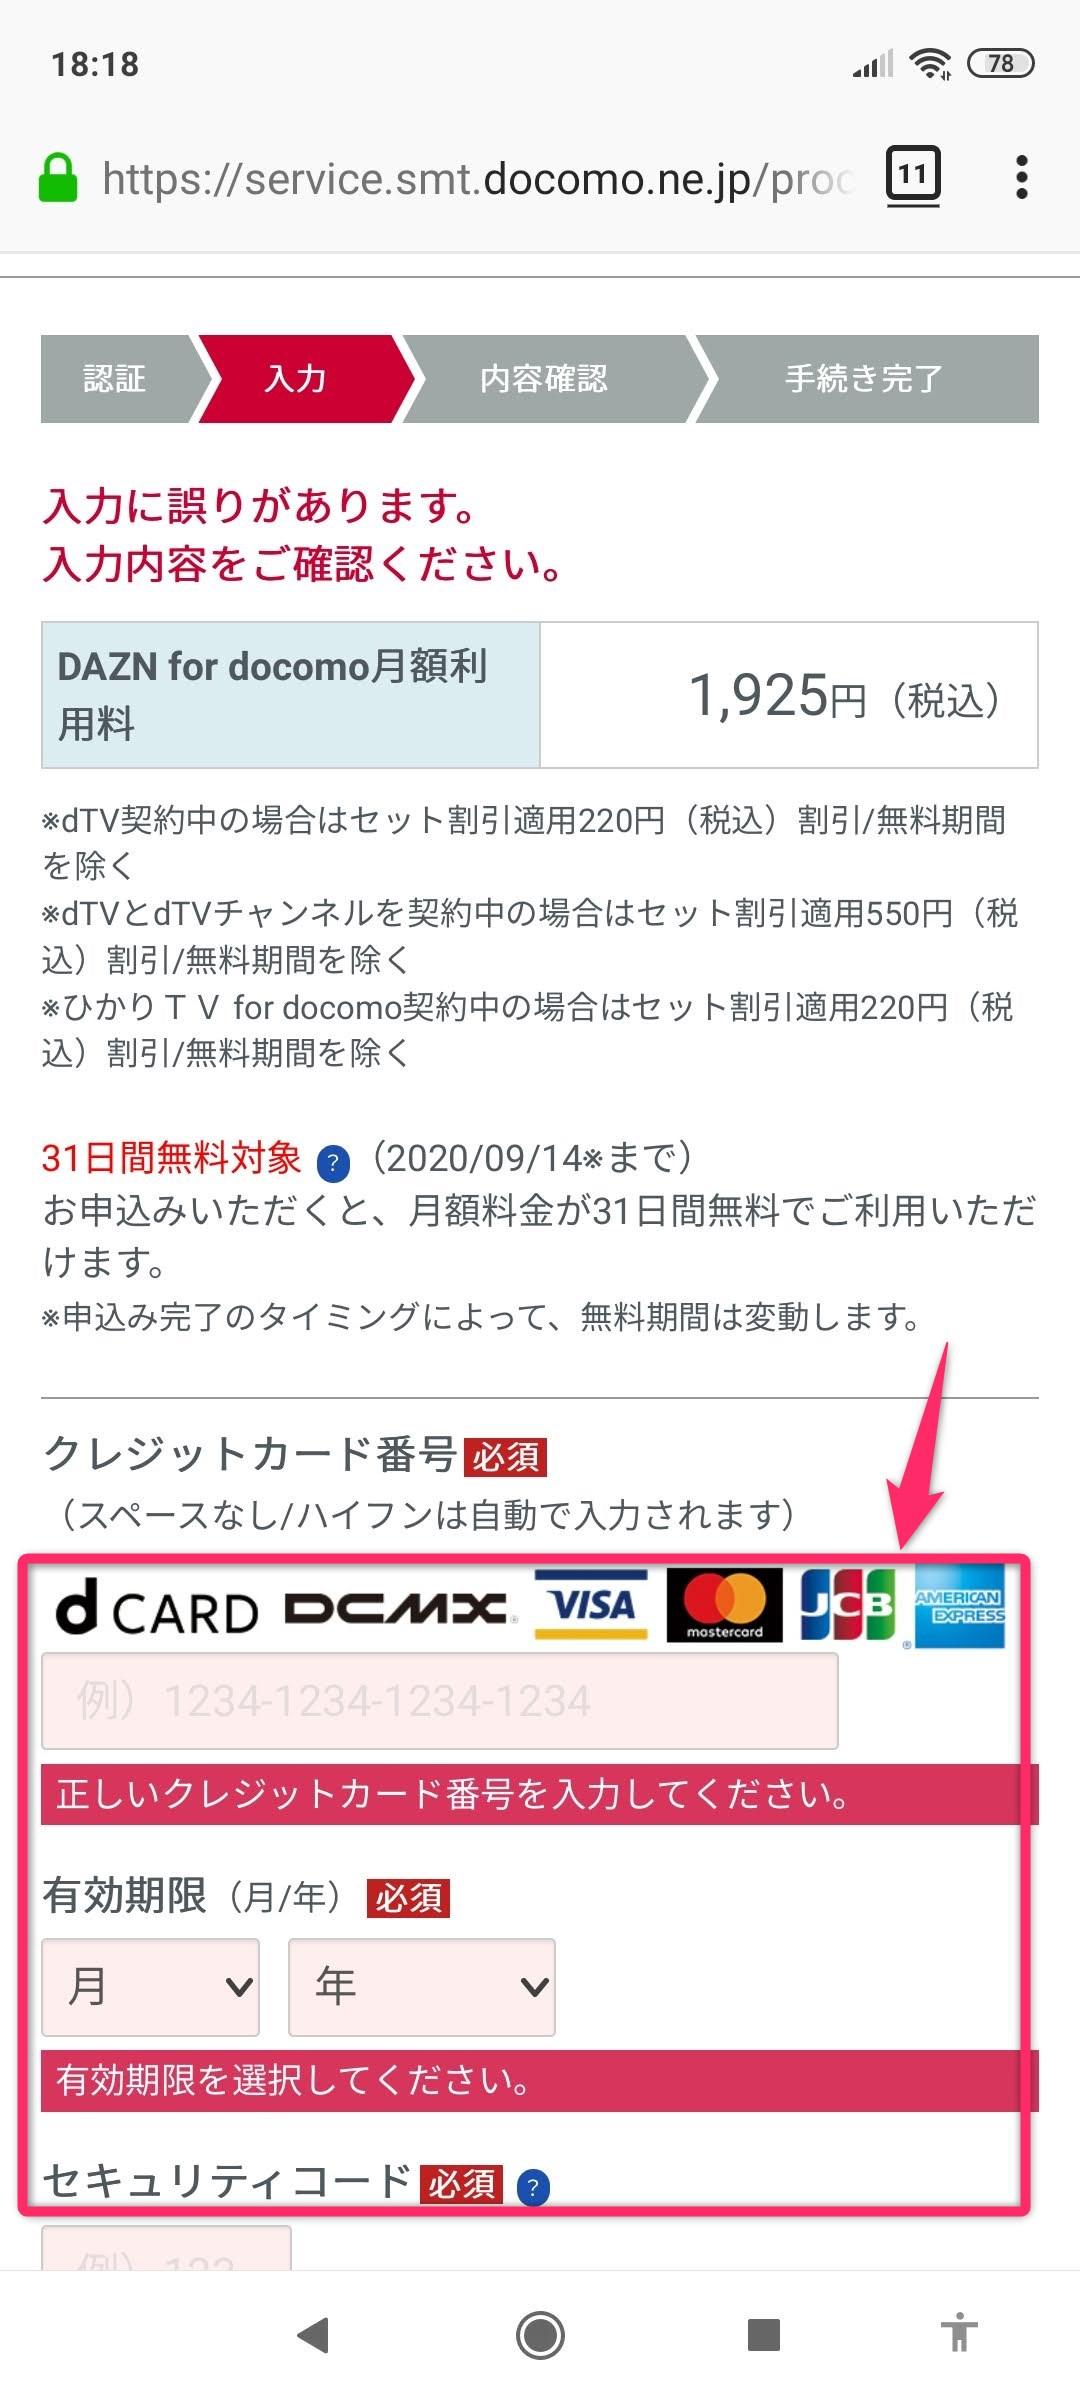 DAZN for docomo 支払い